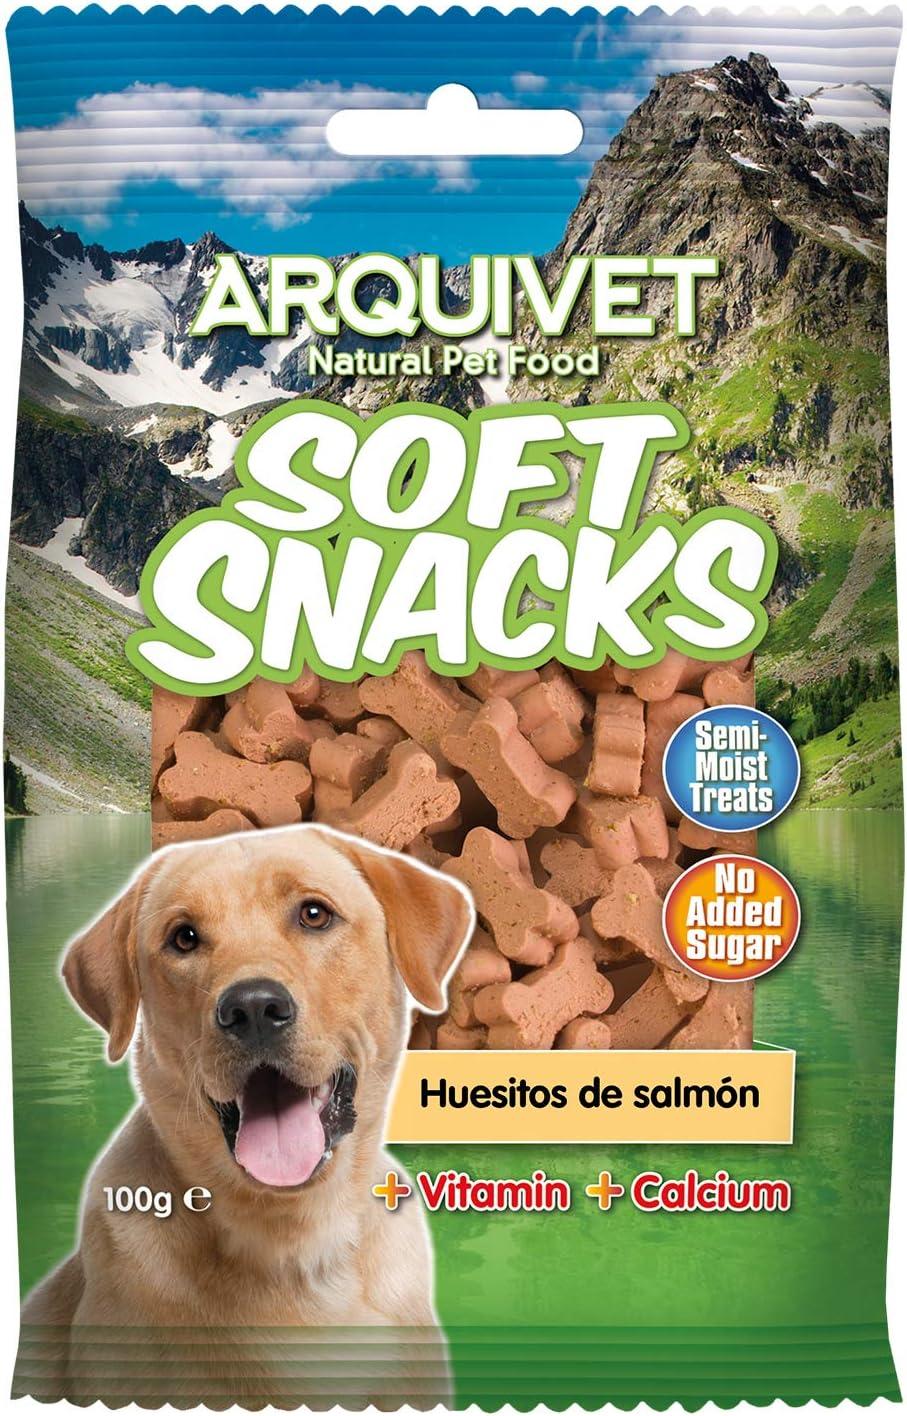 Arquivet Soft Snacks para perro Huesitos salmón 100 g